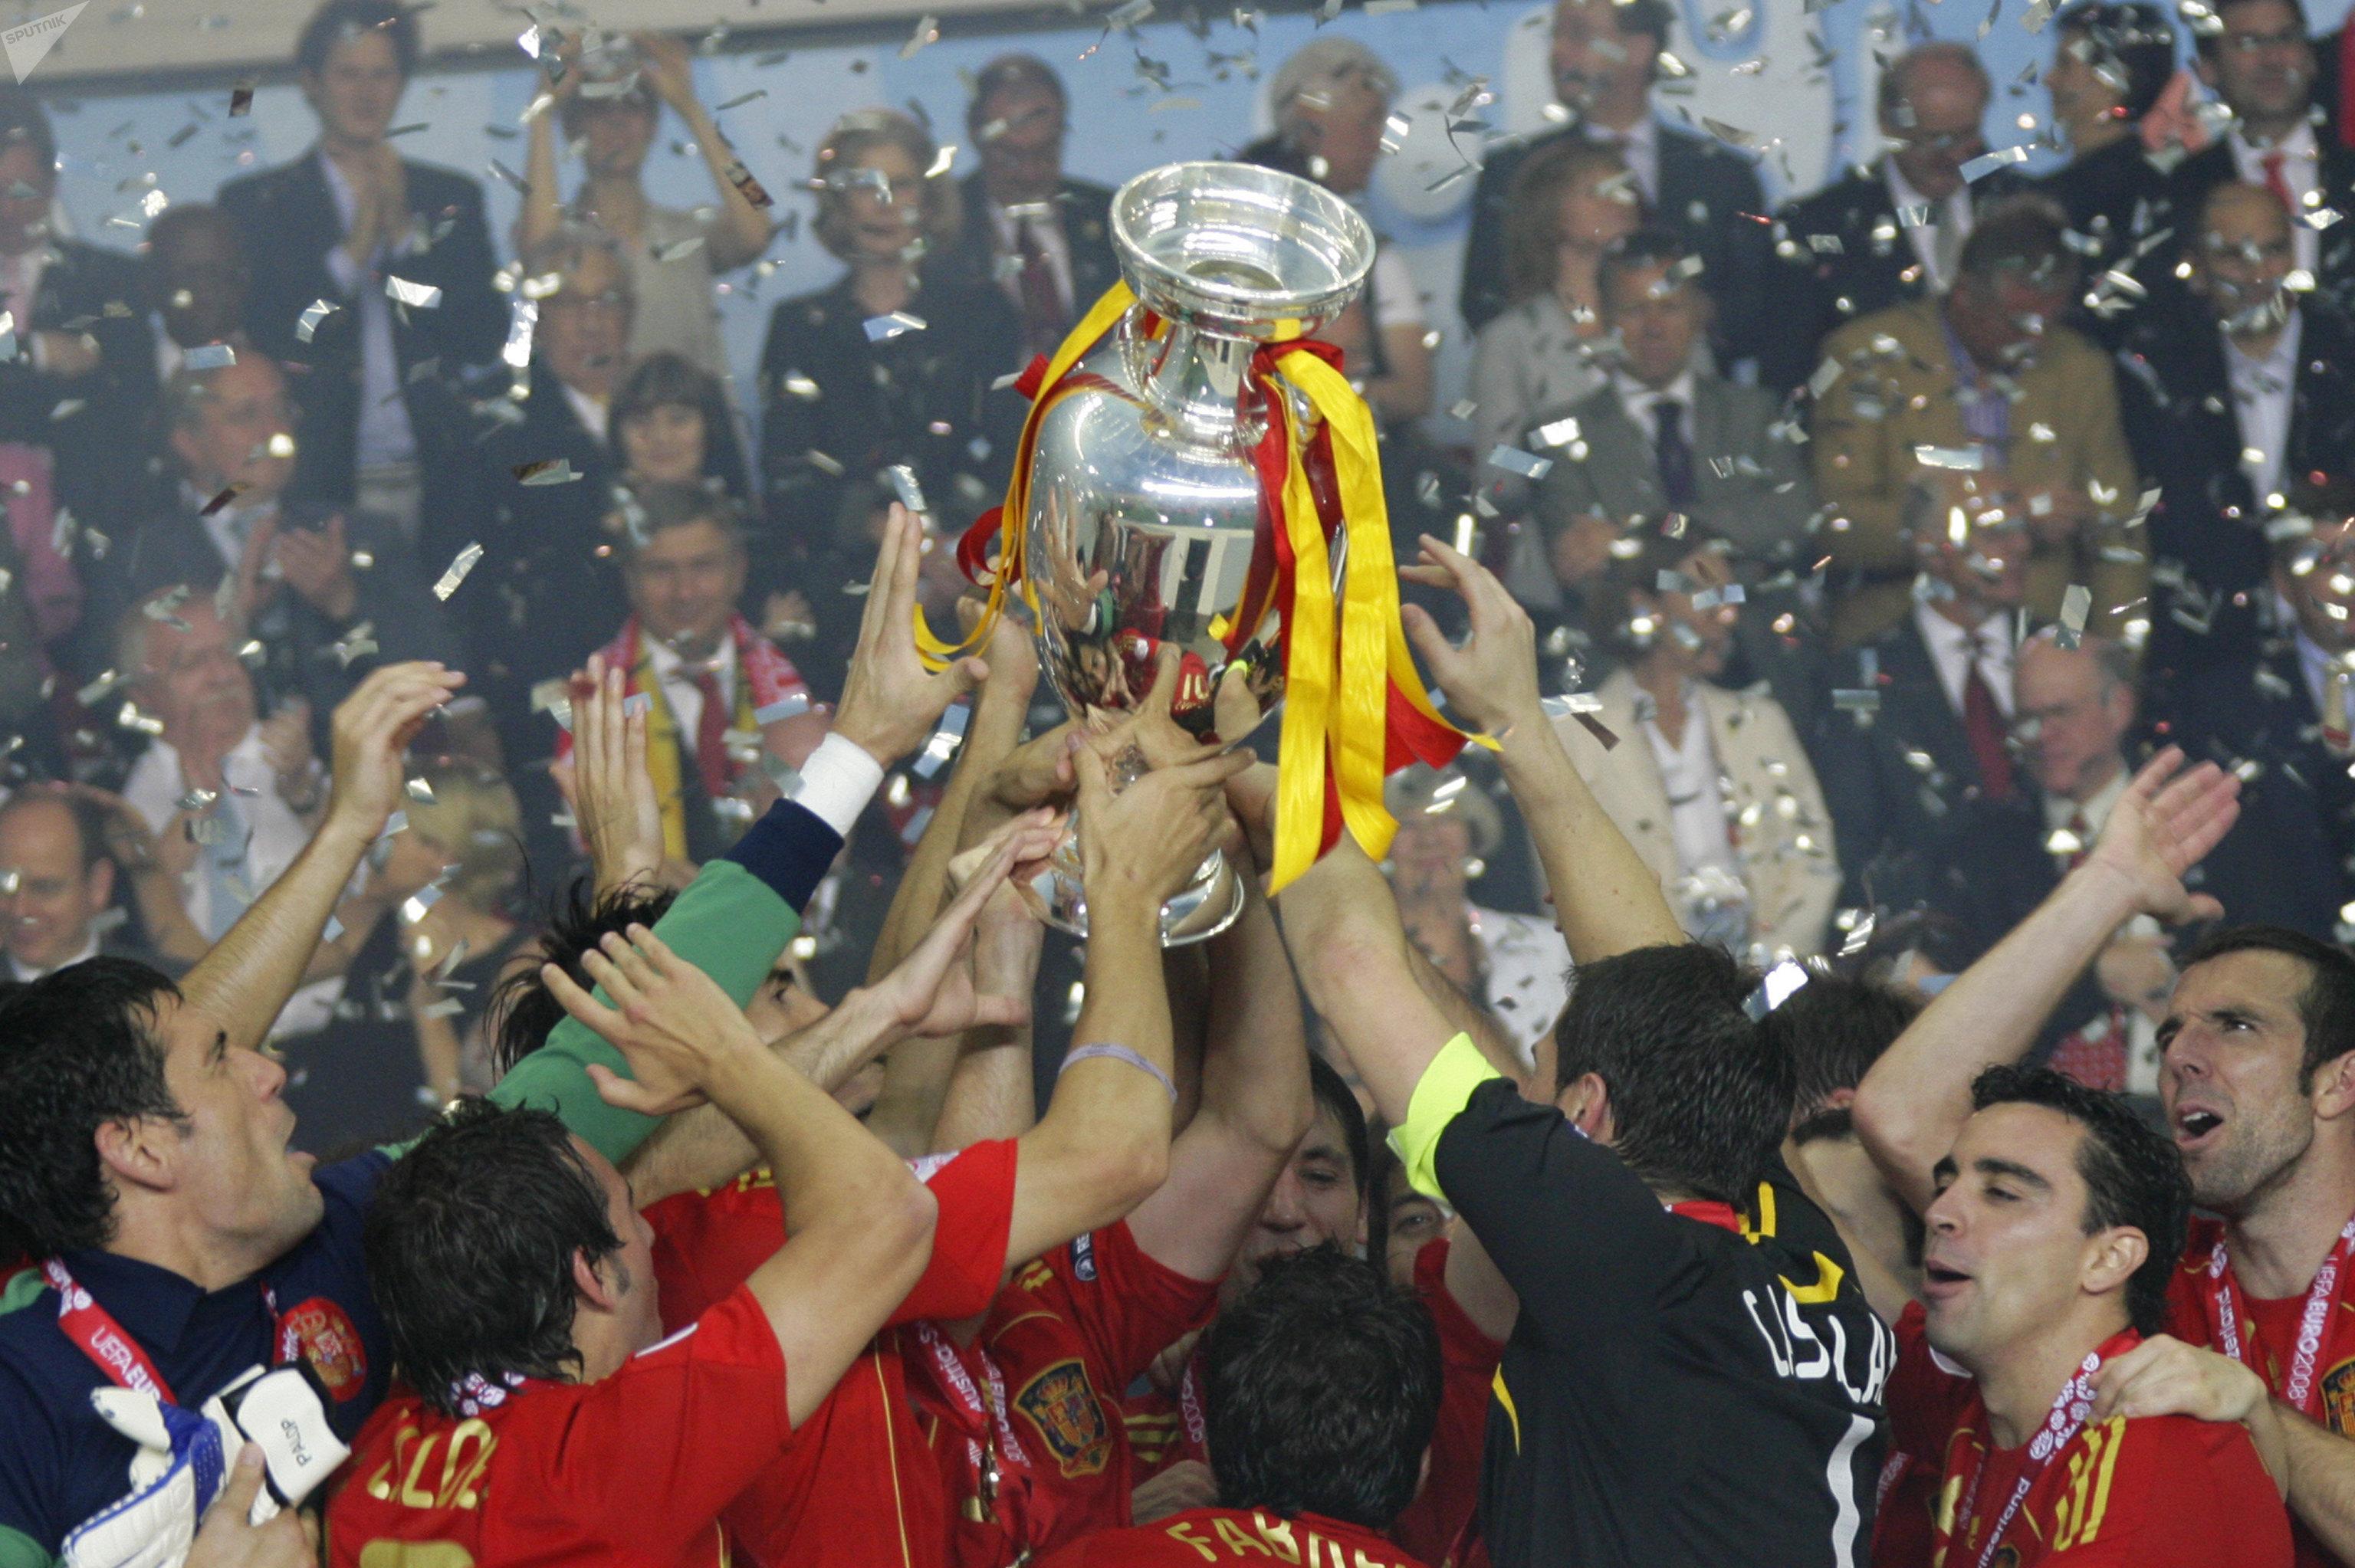 Сборная Испании – чемпион Европы. Финальный матч первенства Старого Света 2008 года закончился победой сборной Испании над национальной командой Германии со счетом 1:0